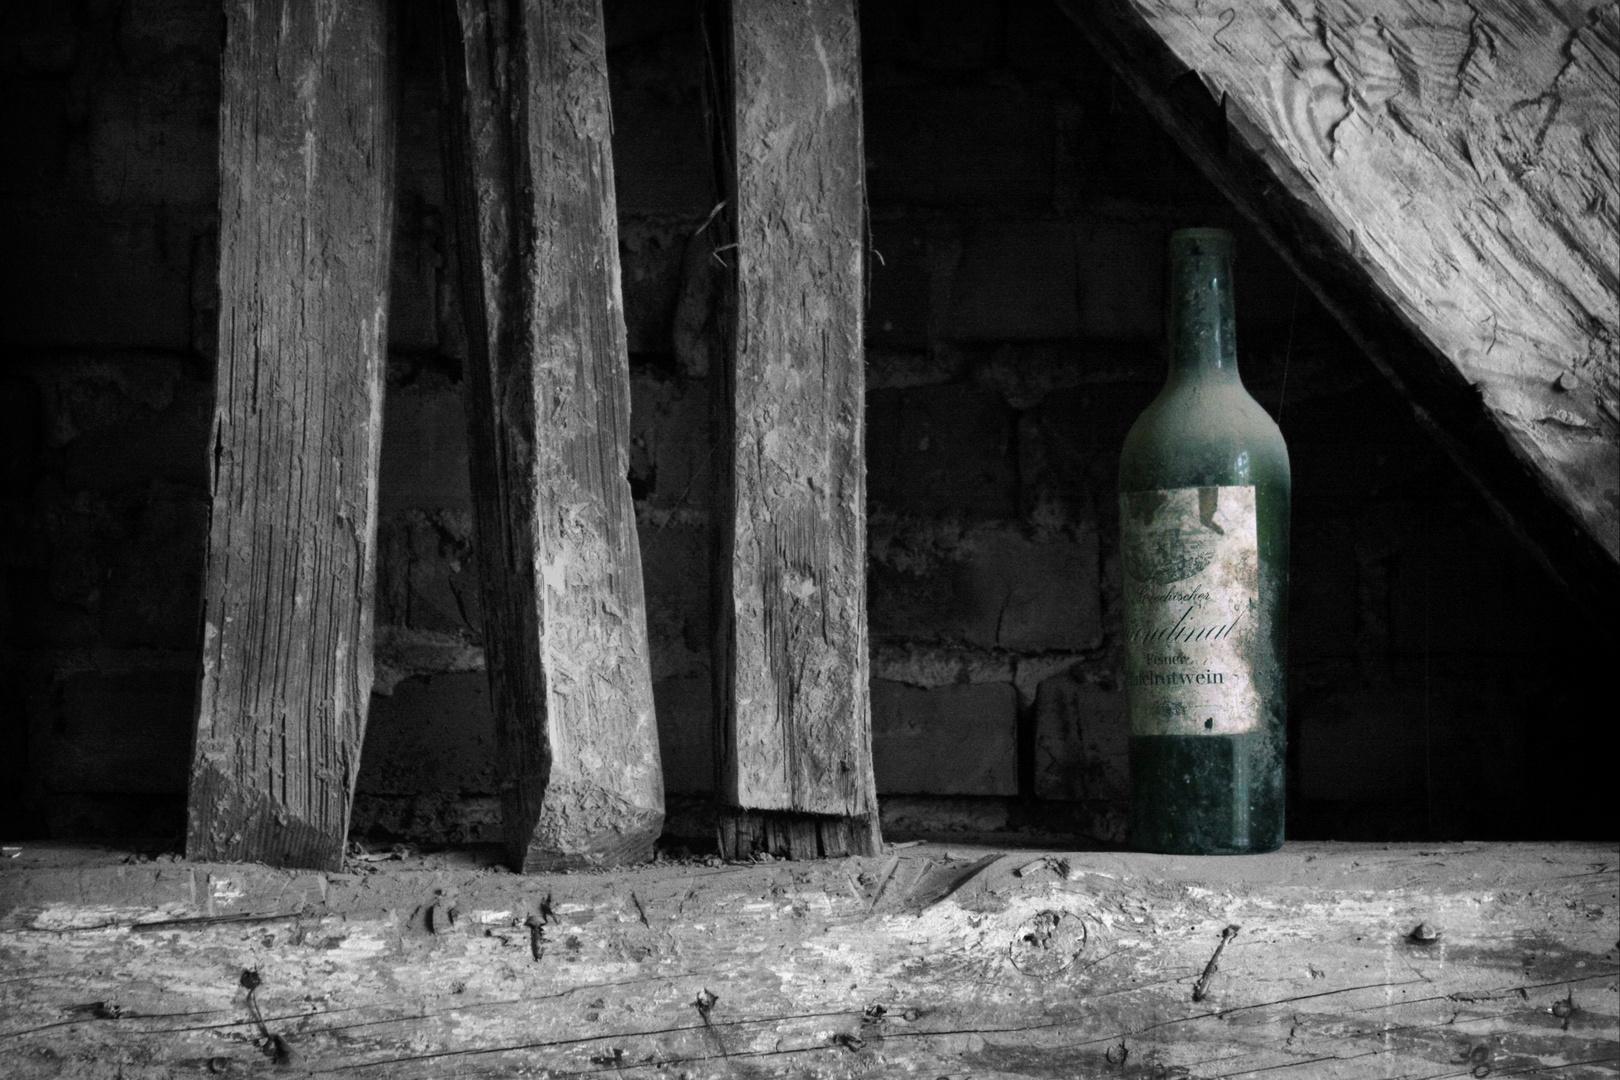 Denkmalschutz Holz VIII - Nischenprodukt